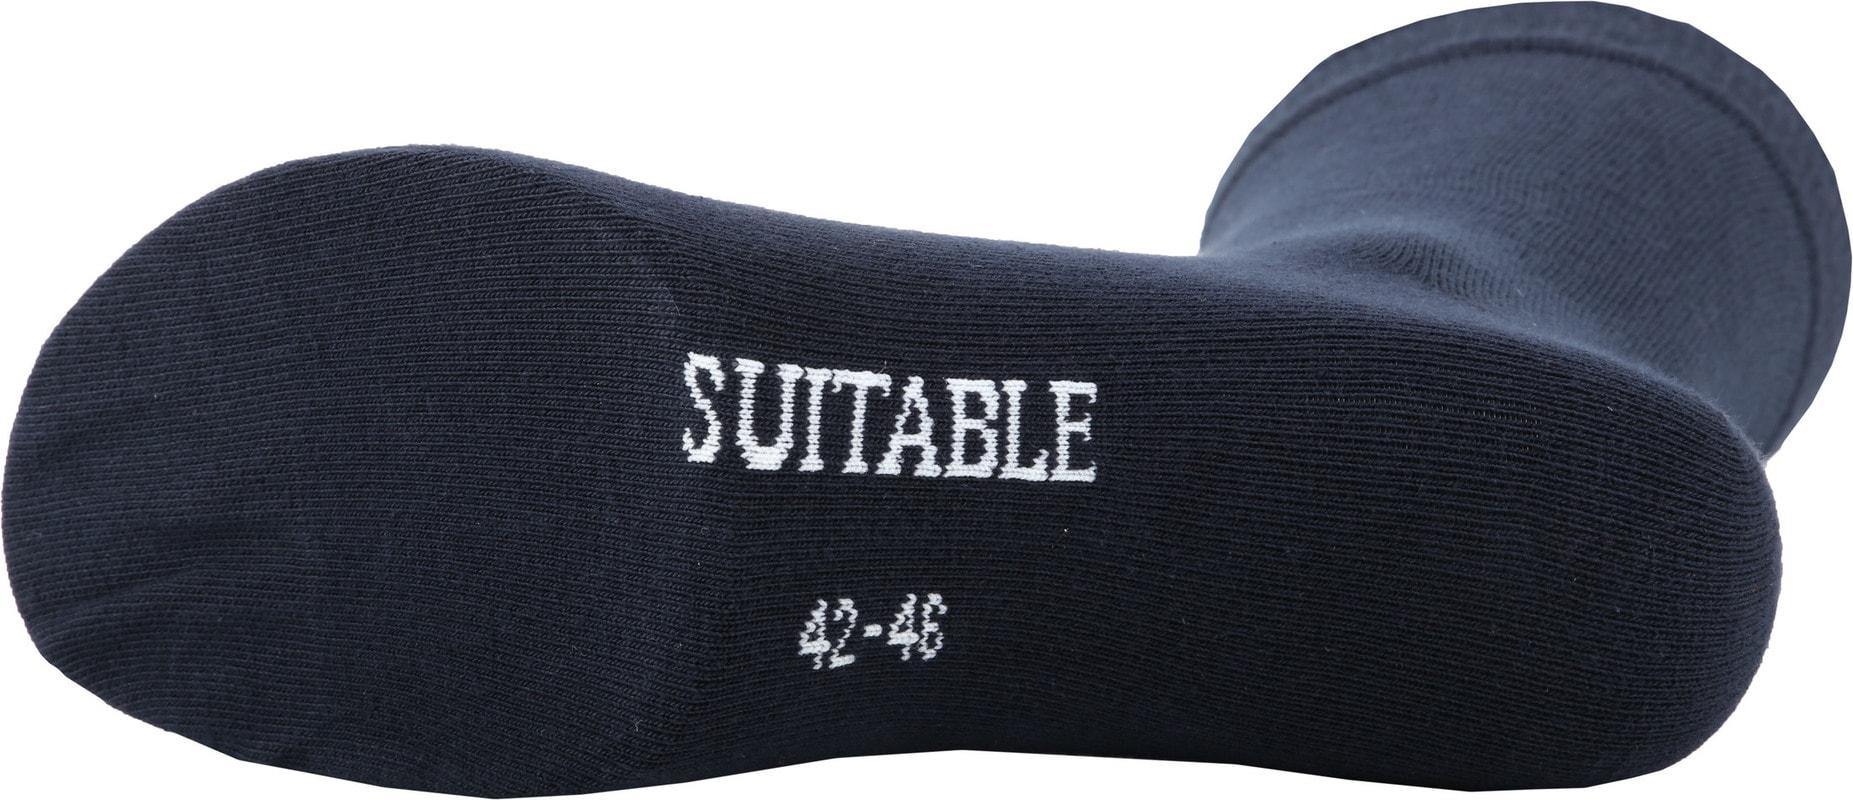 Suitable Bio-Baumwolle Socken Navy 6-Pack Foto 2